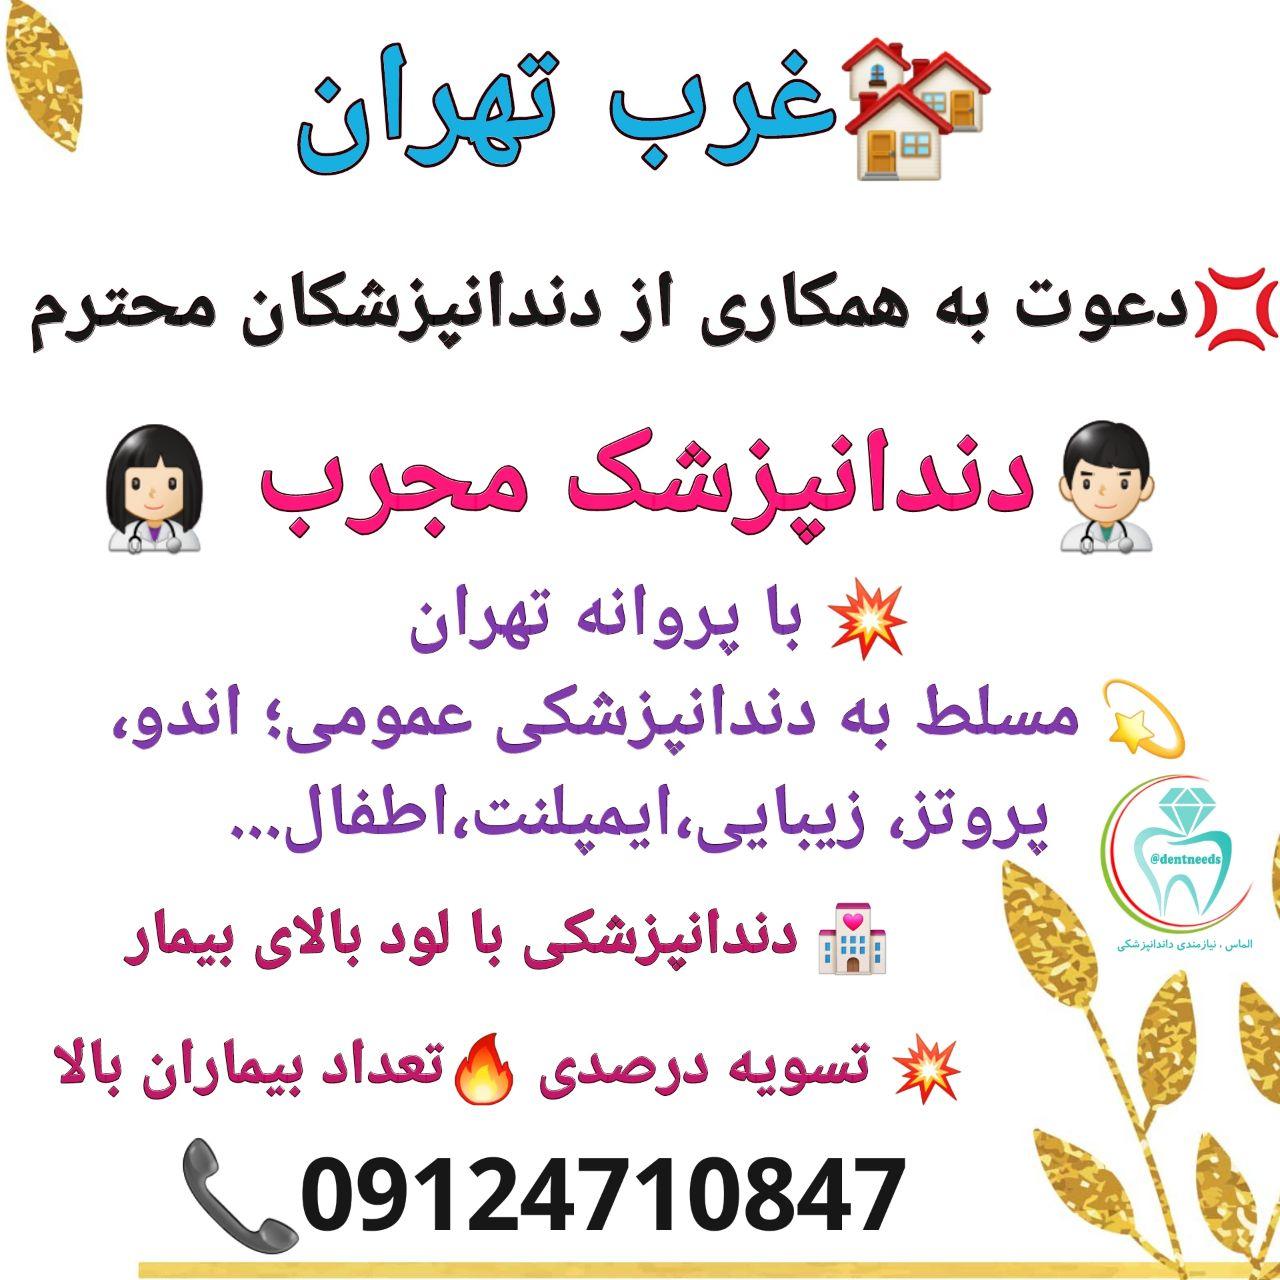 غرب تهران، دعوت به همکاری از دندانپزشکان محترم